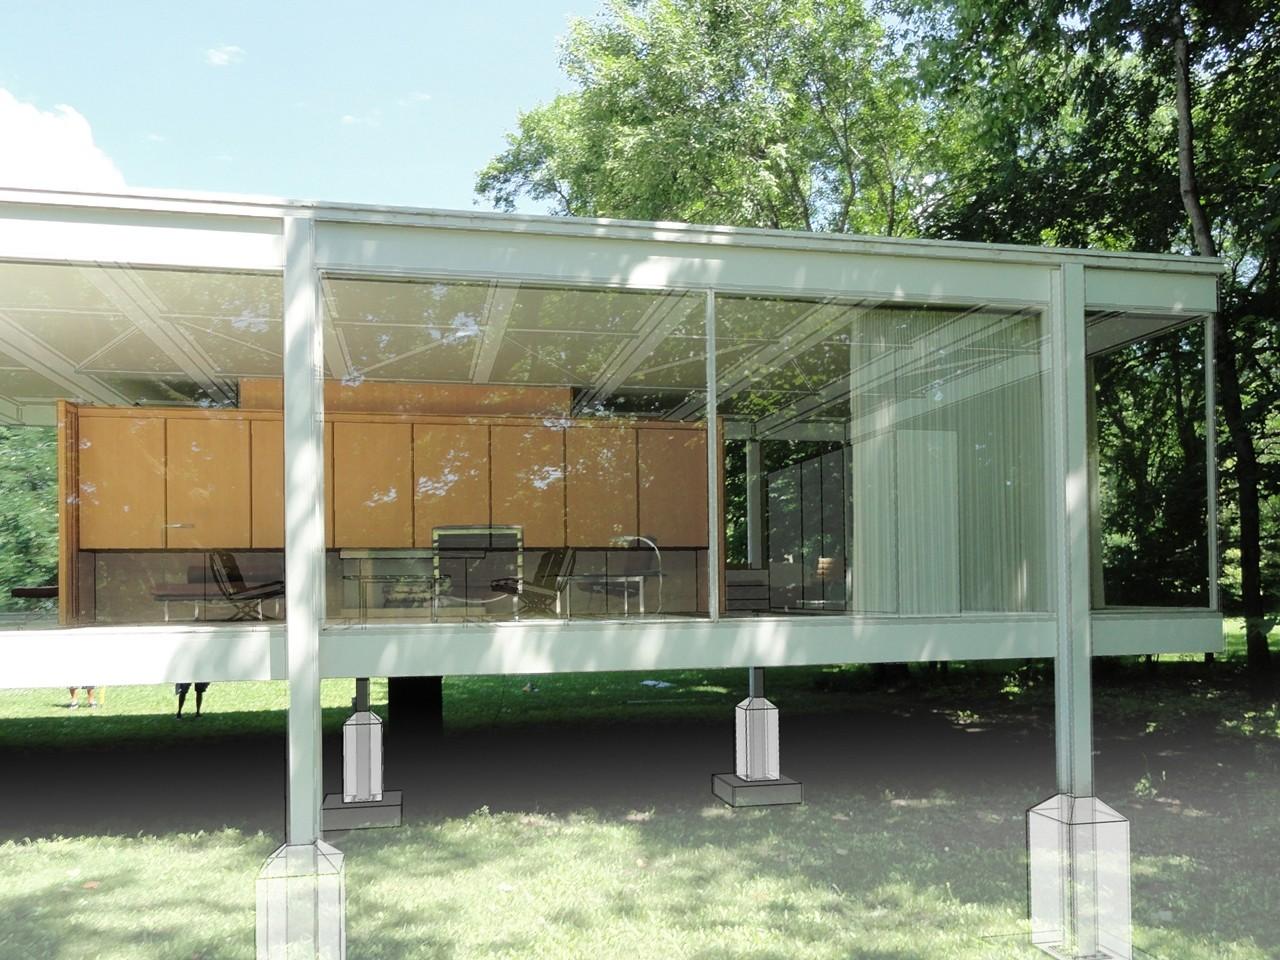 Fotomontaje que evidencia la conformación de la subestructura de la casa. Image Cortesia de Juan Fernando Valencia